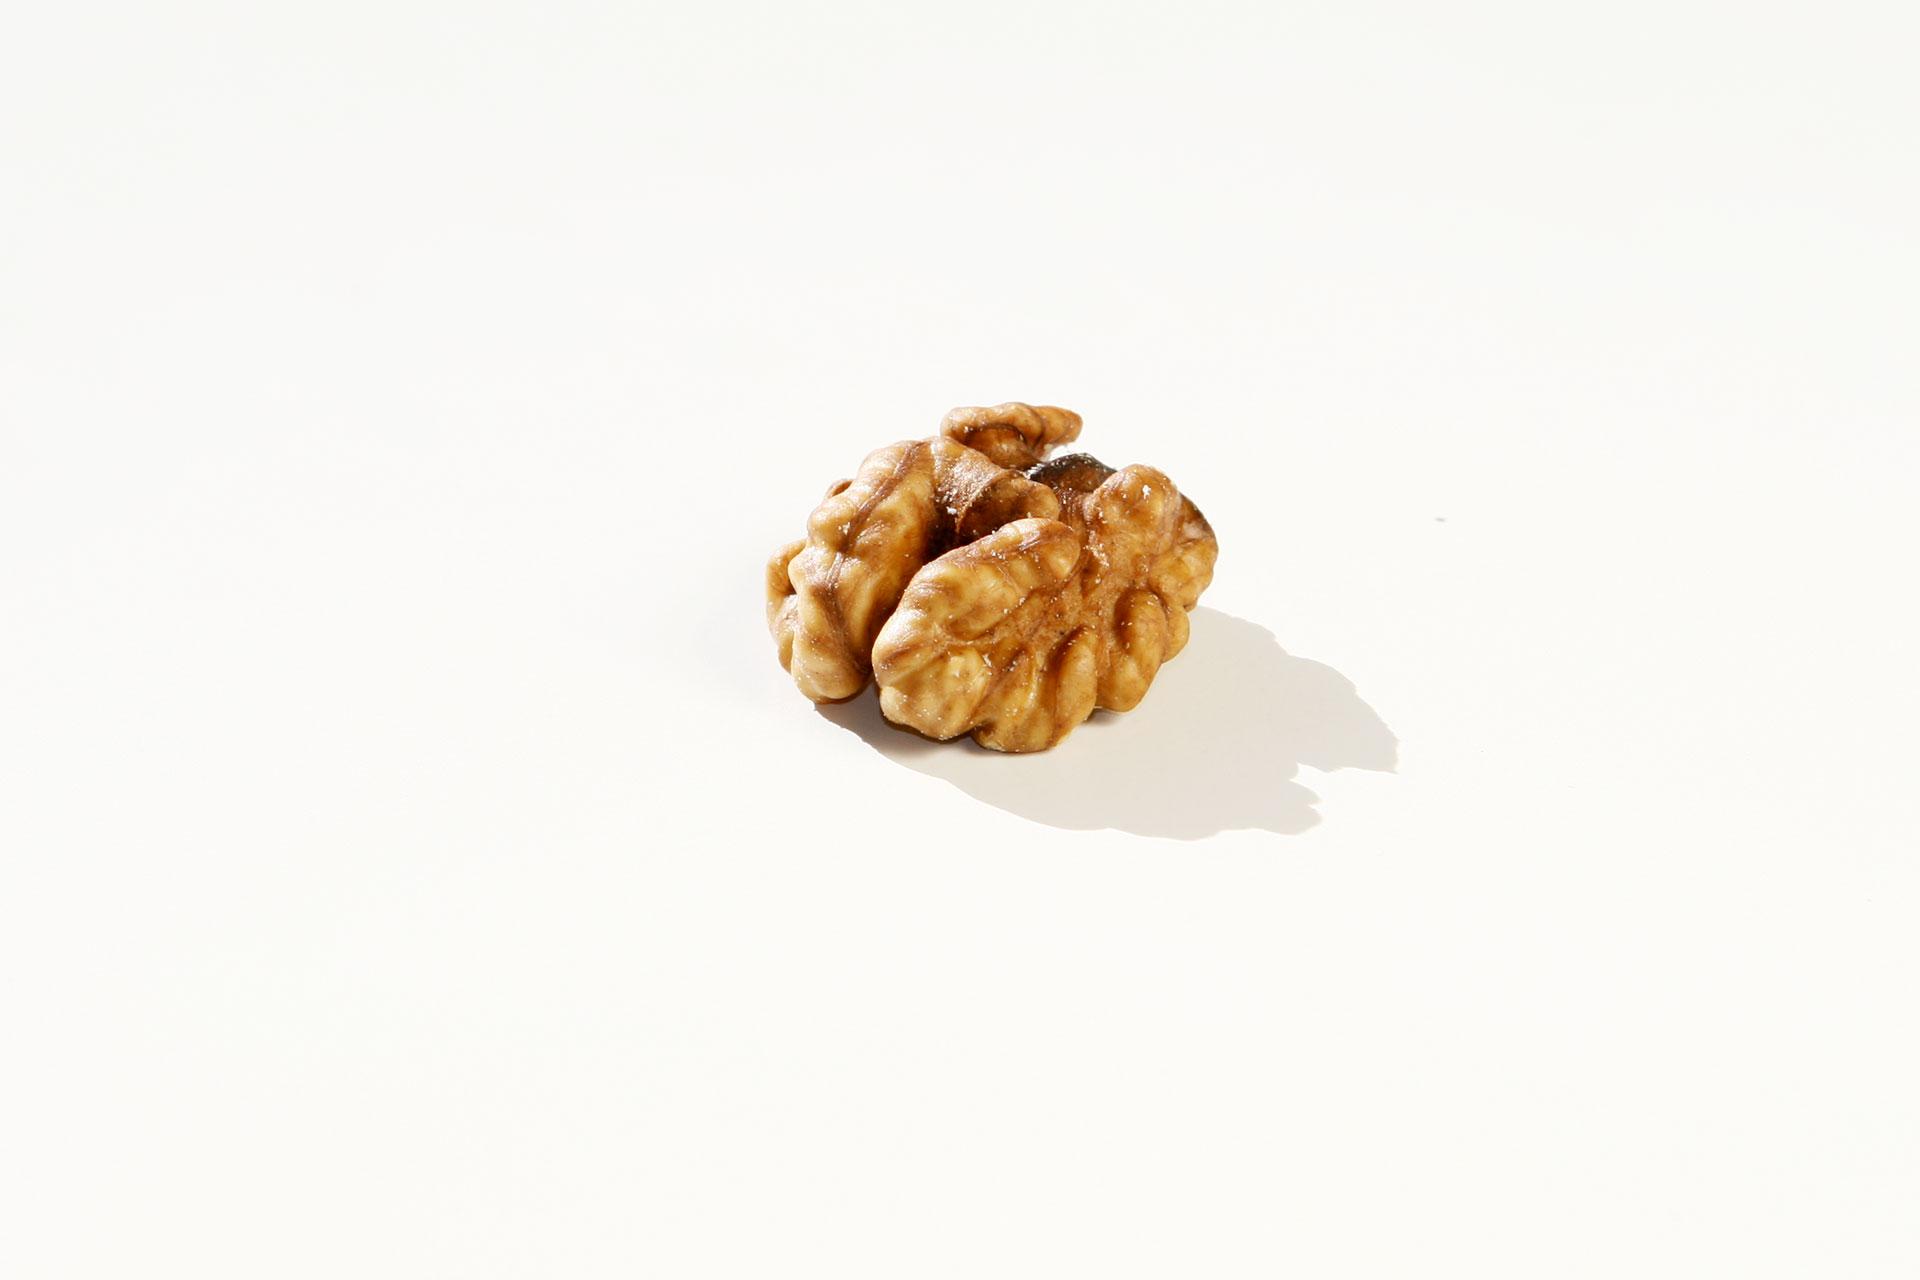 Jetzt gibt's was auf die Nüsse – Gesunde knackige Schnellmacher / Die Walnuss © stefandrexl.de